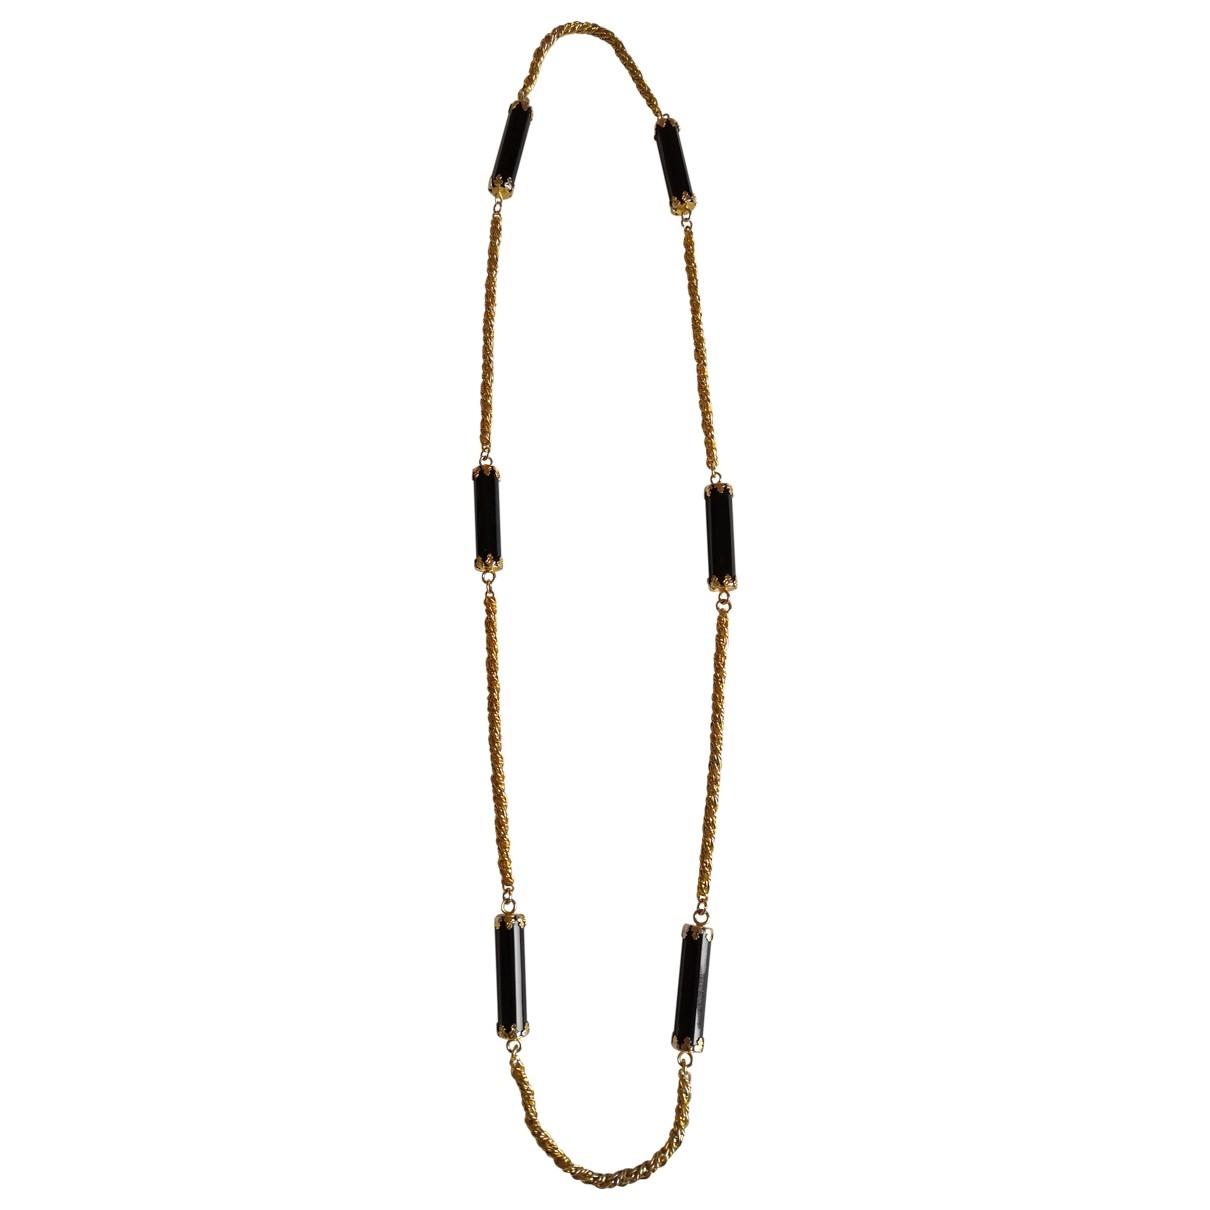 Roberto Cavalli \N Black Metal Long necklace for Women \N